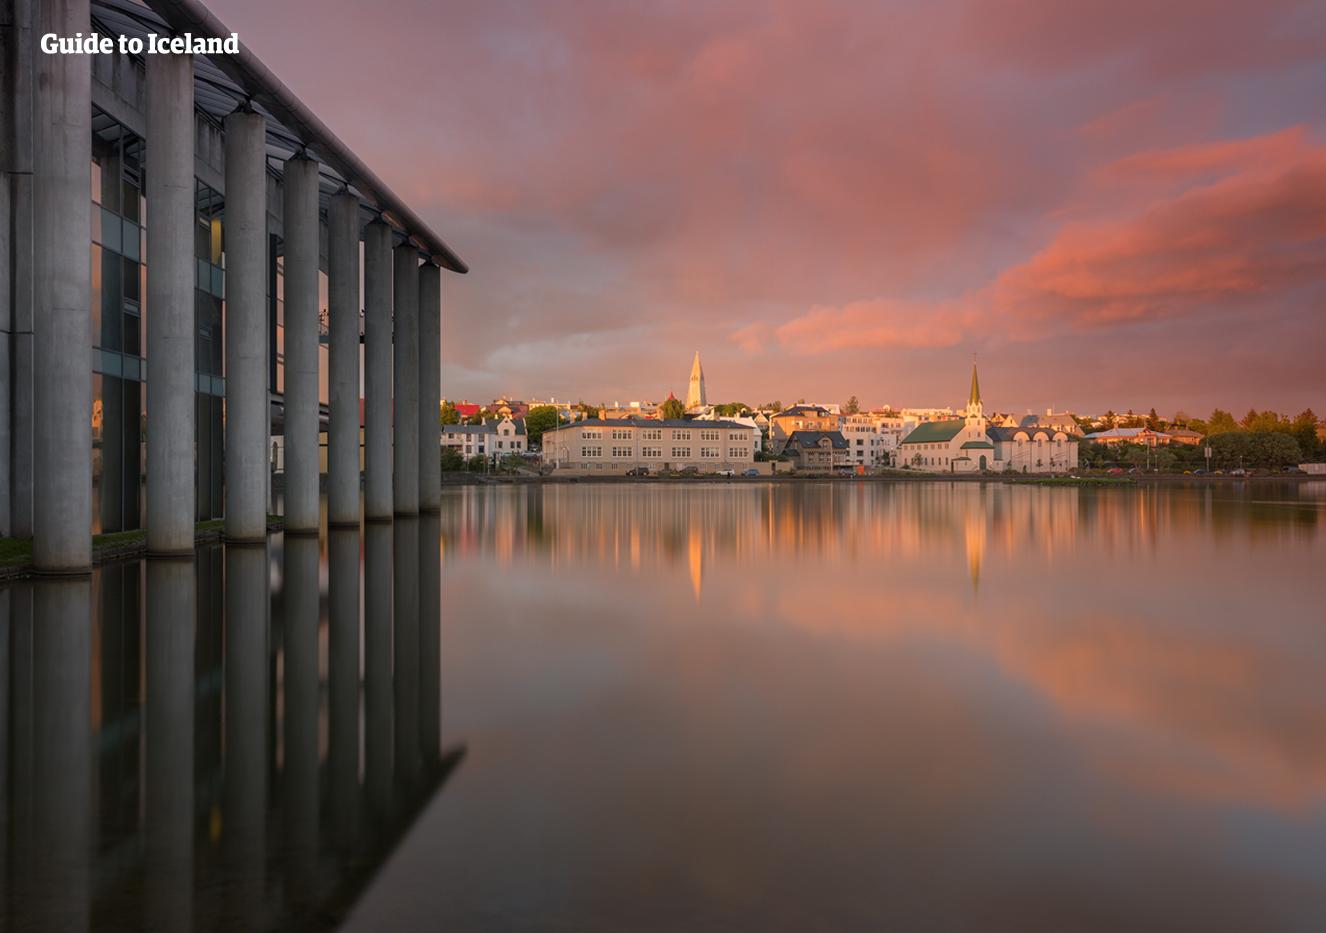 Sommerstimmung im Kulturhaus Idno in der Nähe des Rathauses und des Stadtsees von Reykjavík.